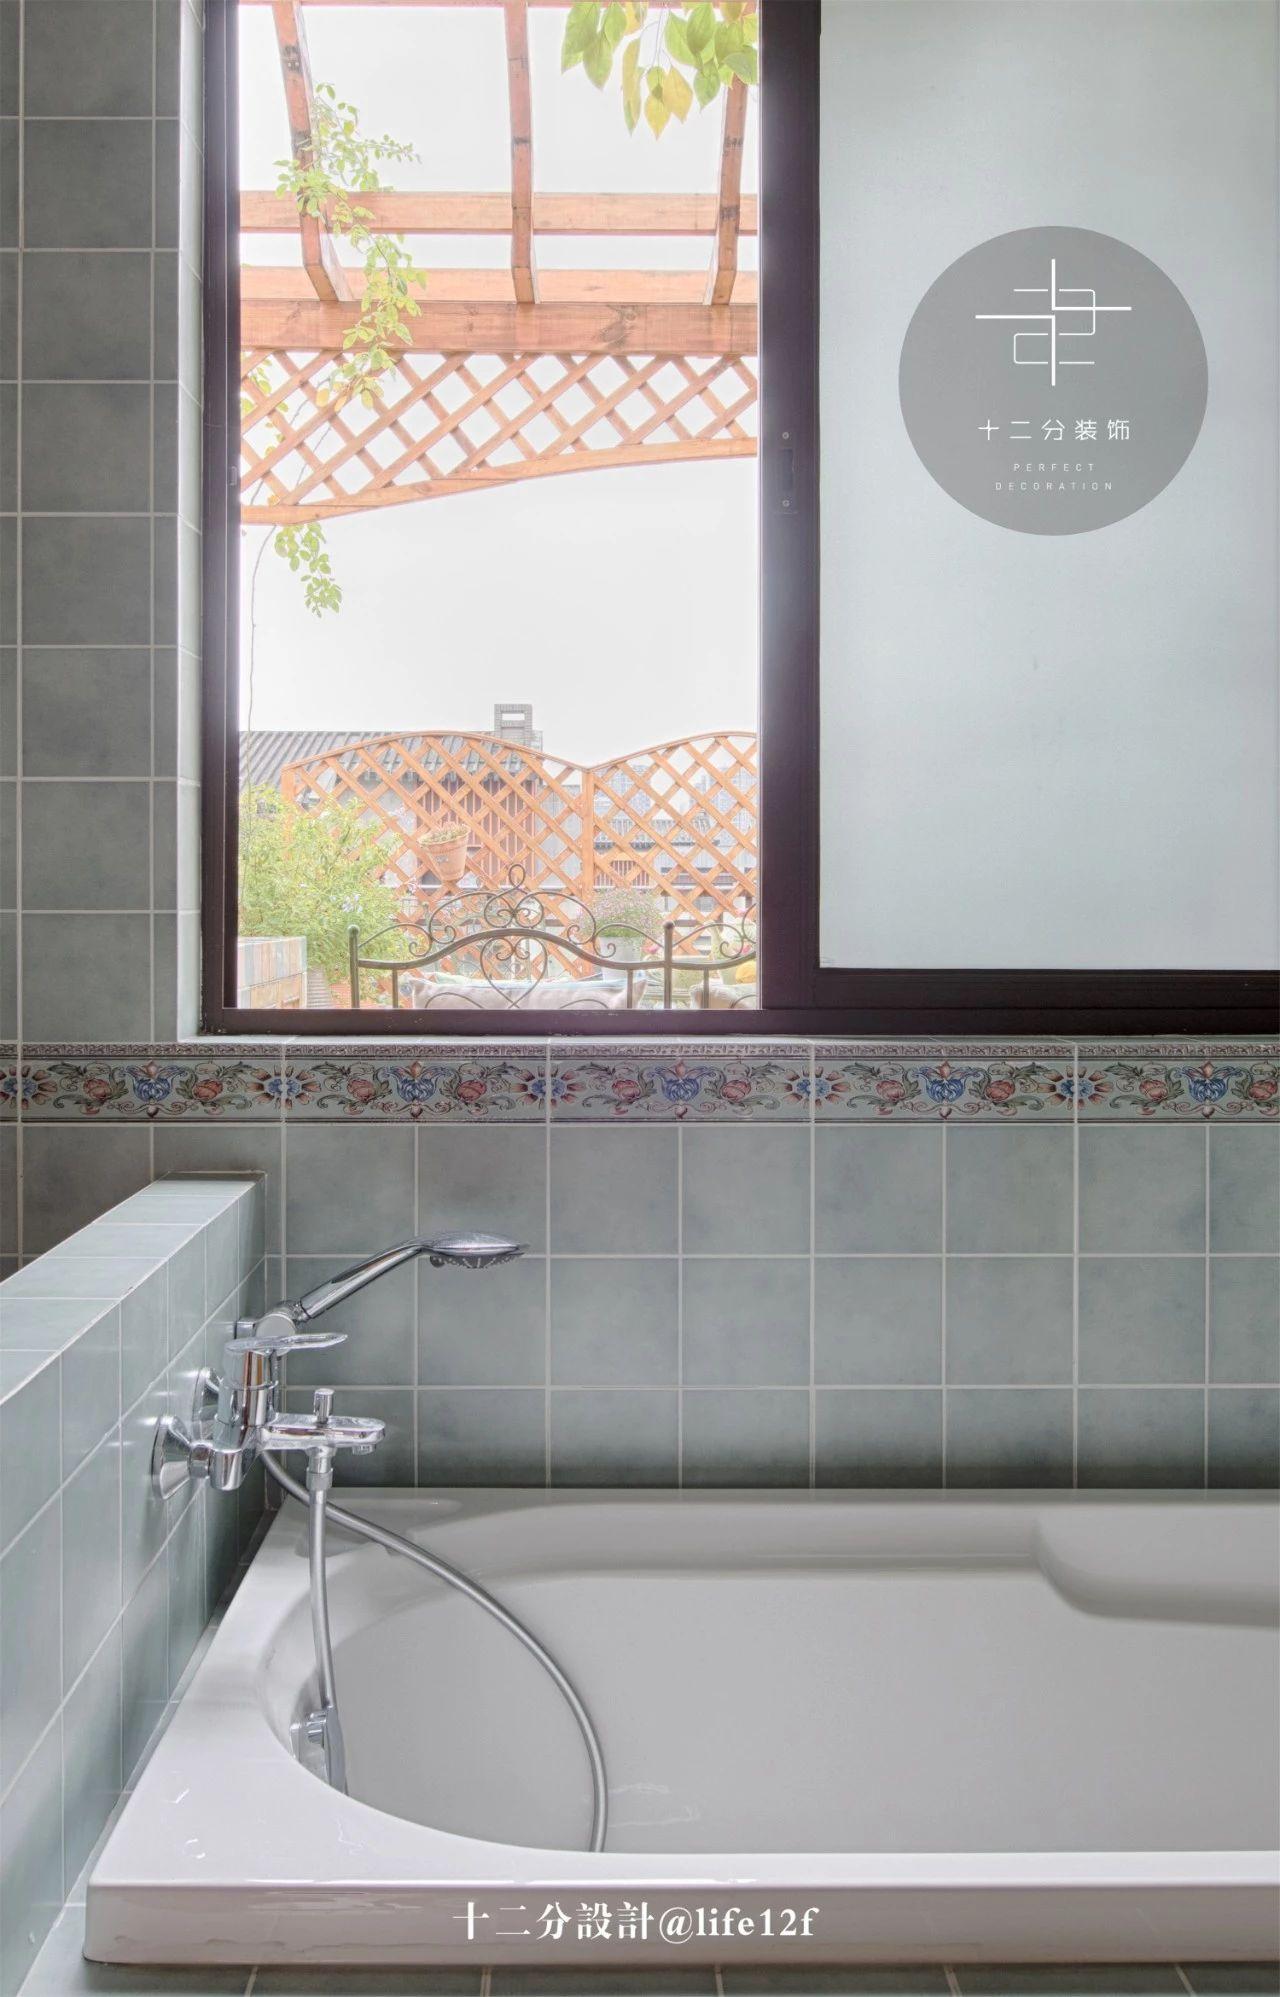 法式乡村别墅装修浴缸设计